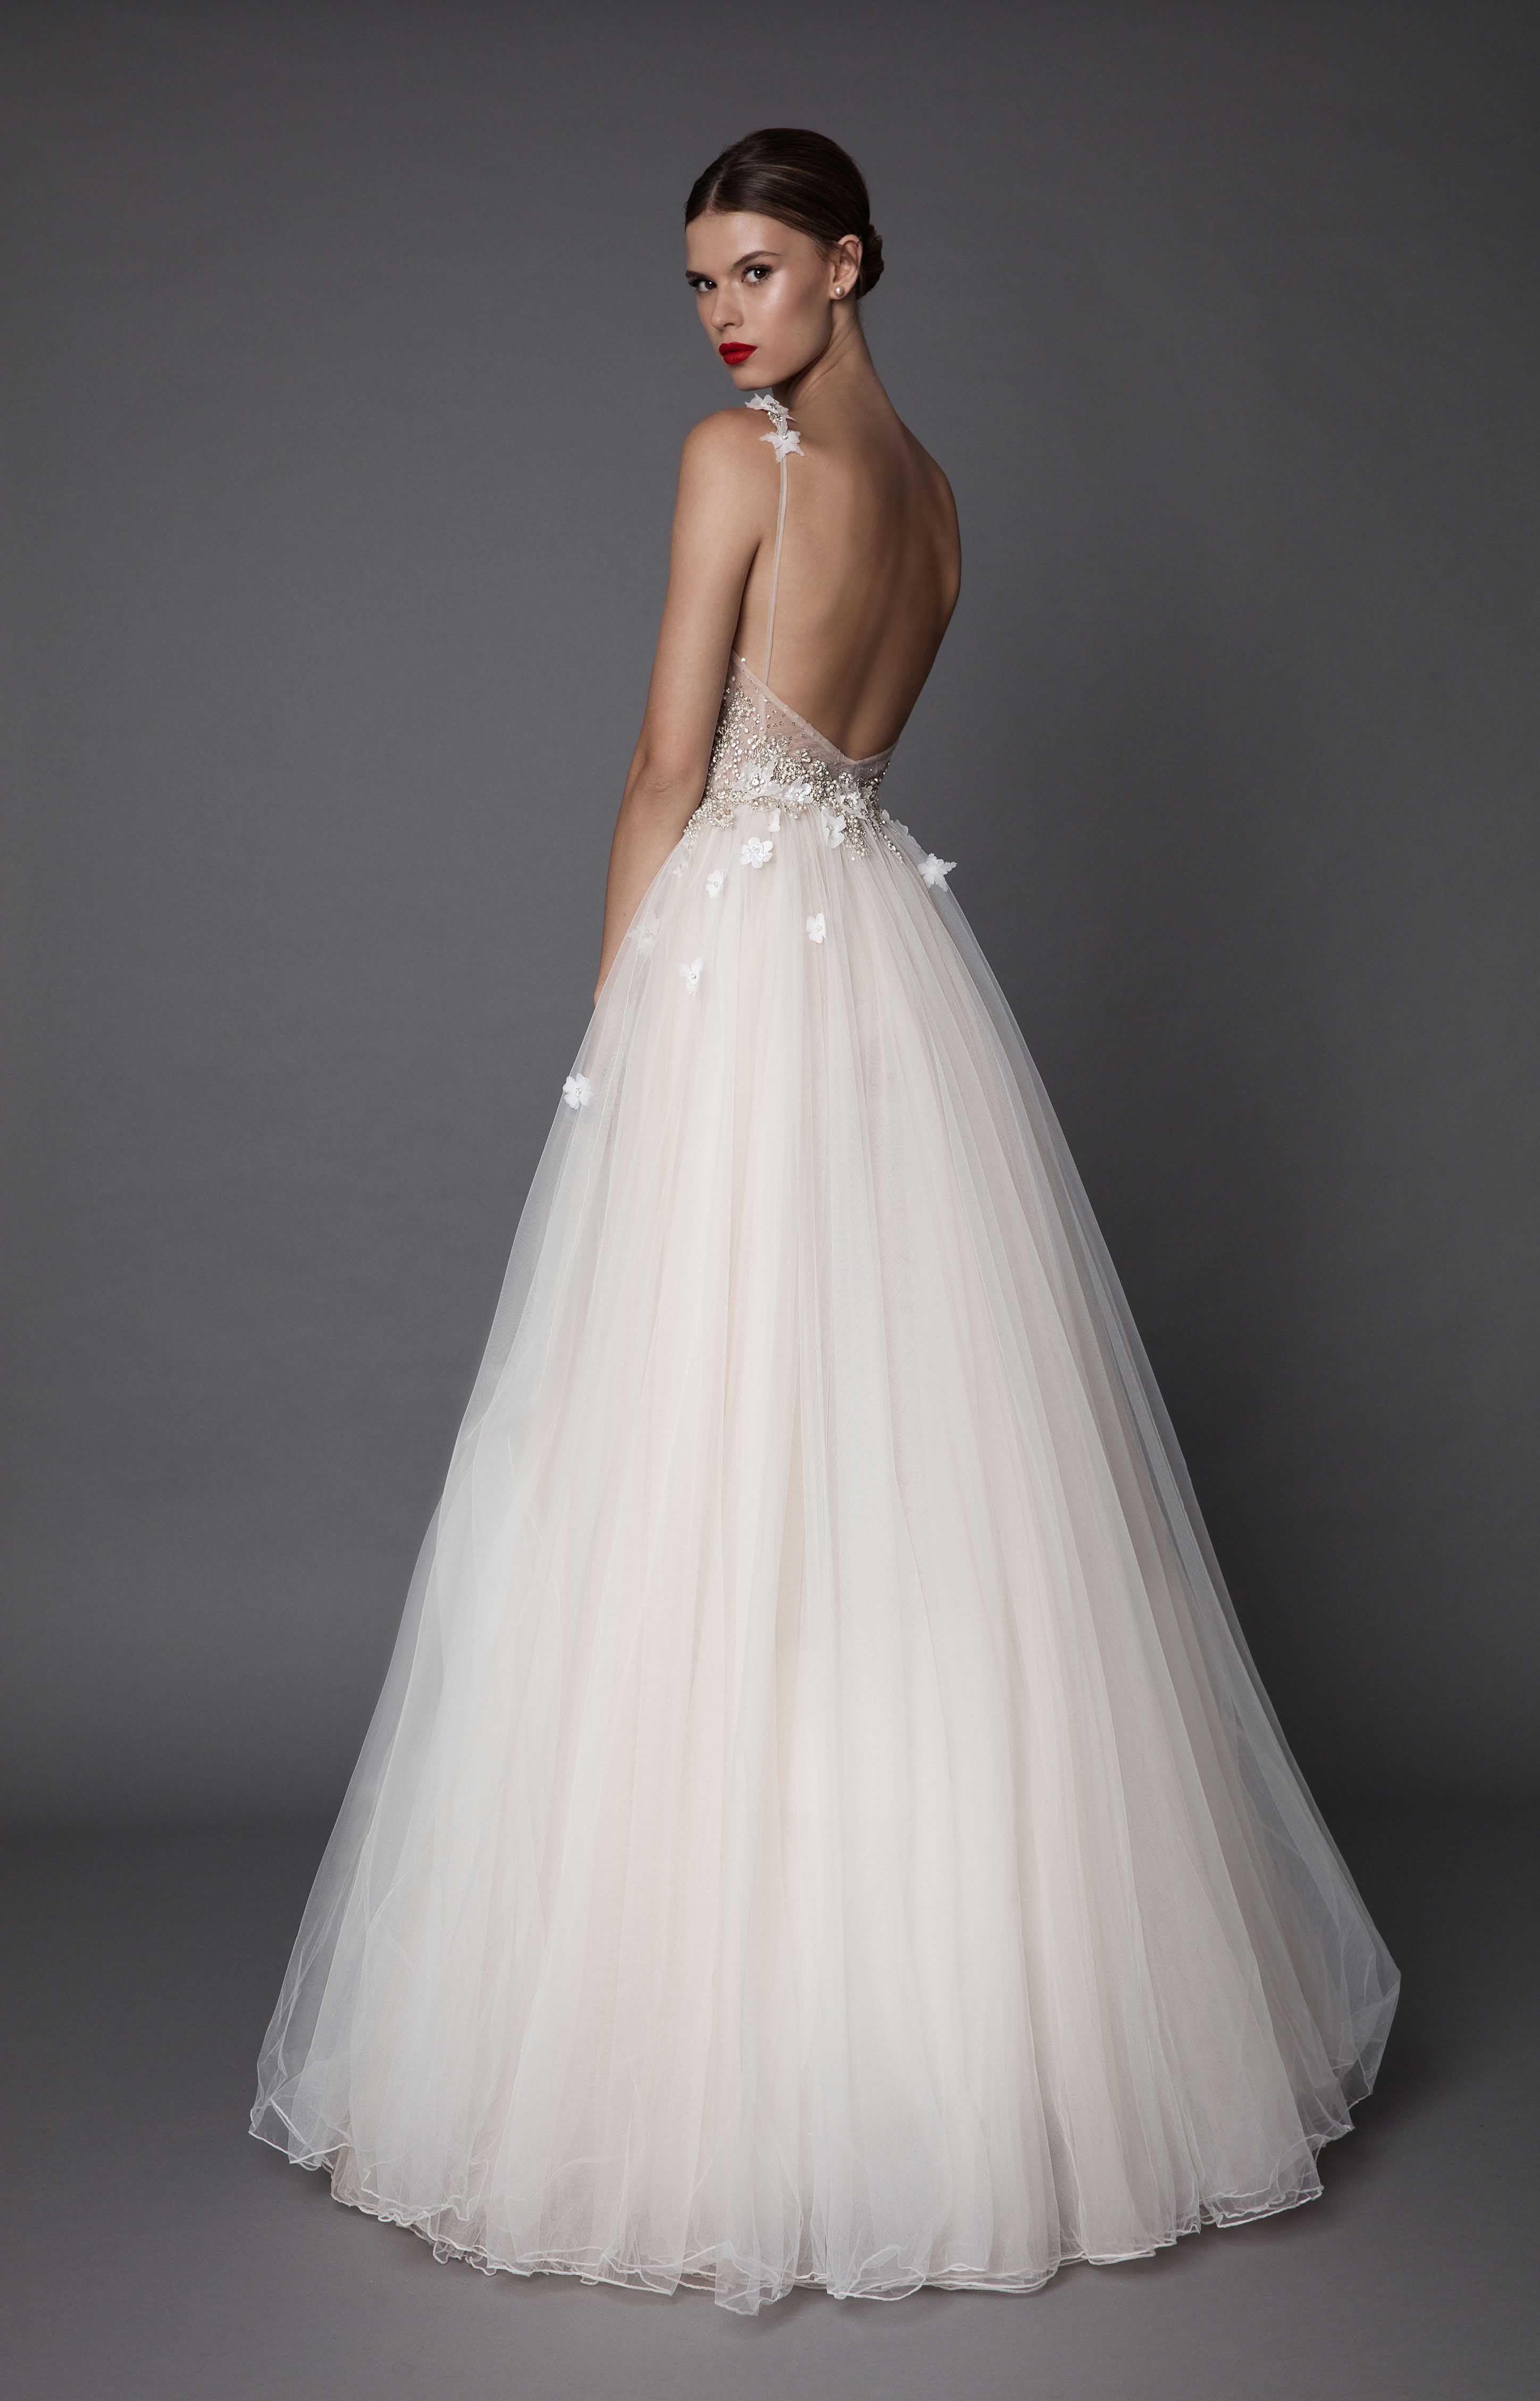 MUSE 2017 | Berta | Un beau jour | Pinterest | Wedding dress ...